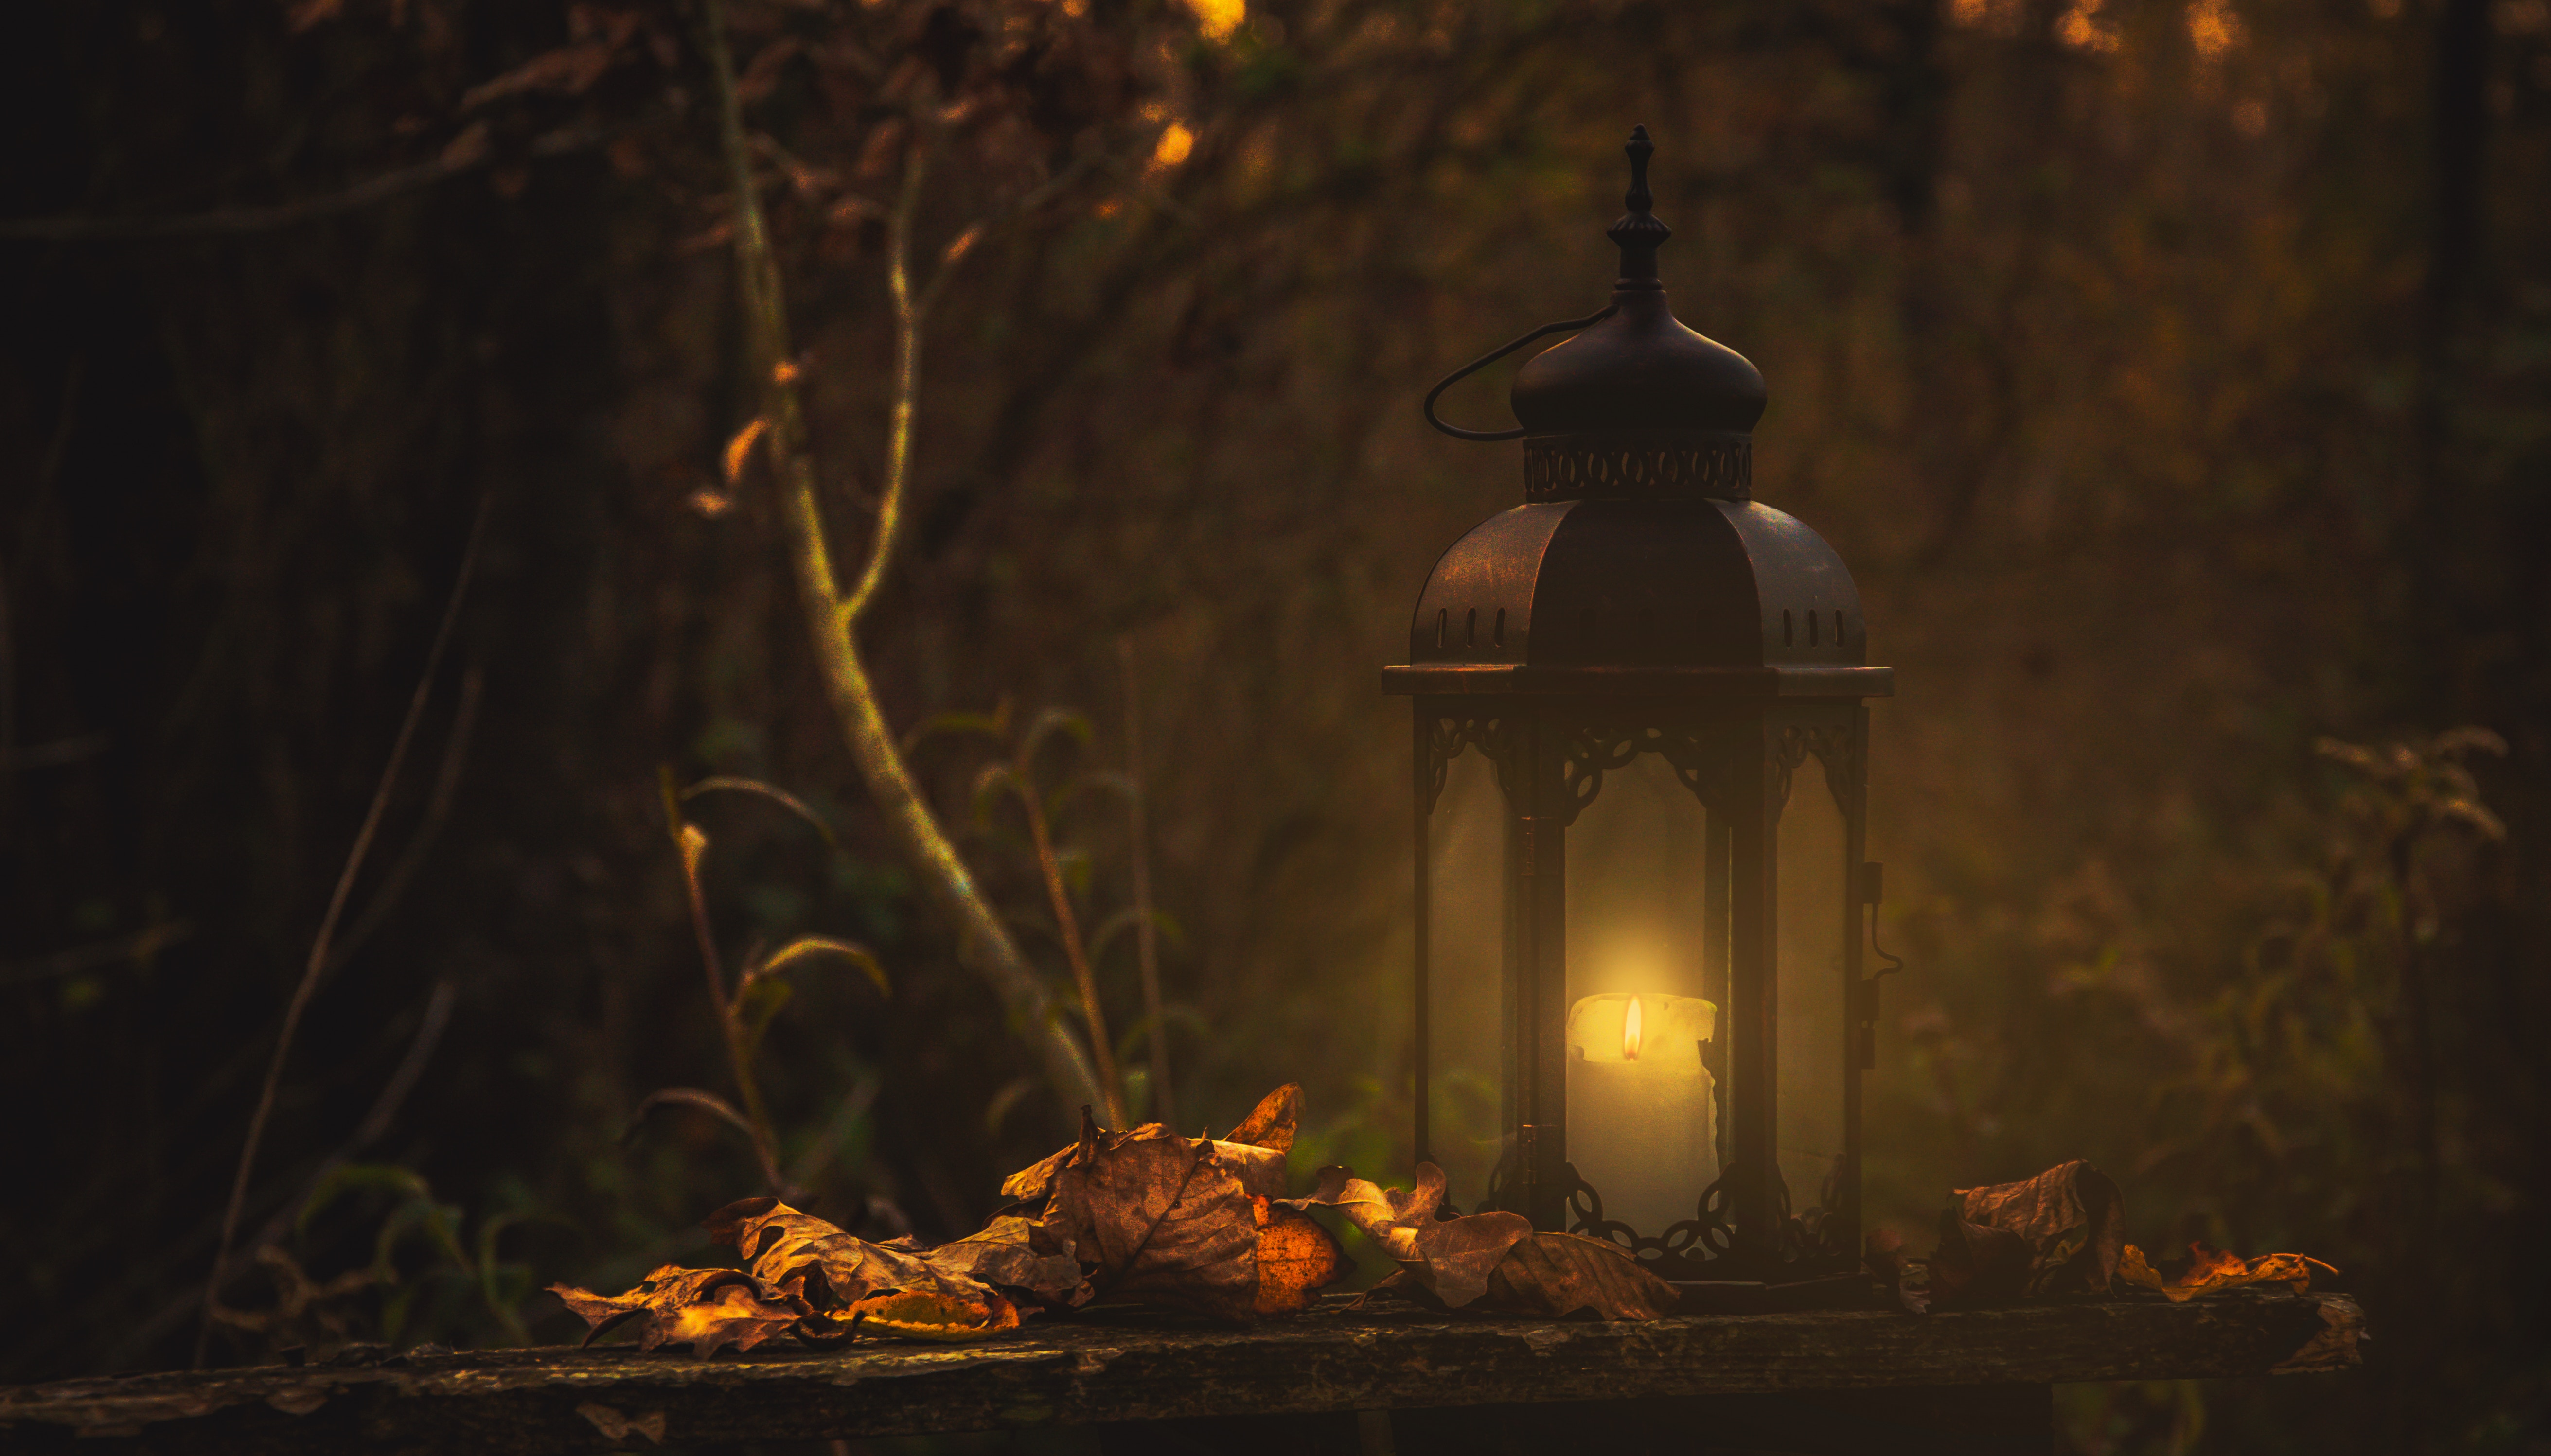 cadeia ilumina caminhos inesperados